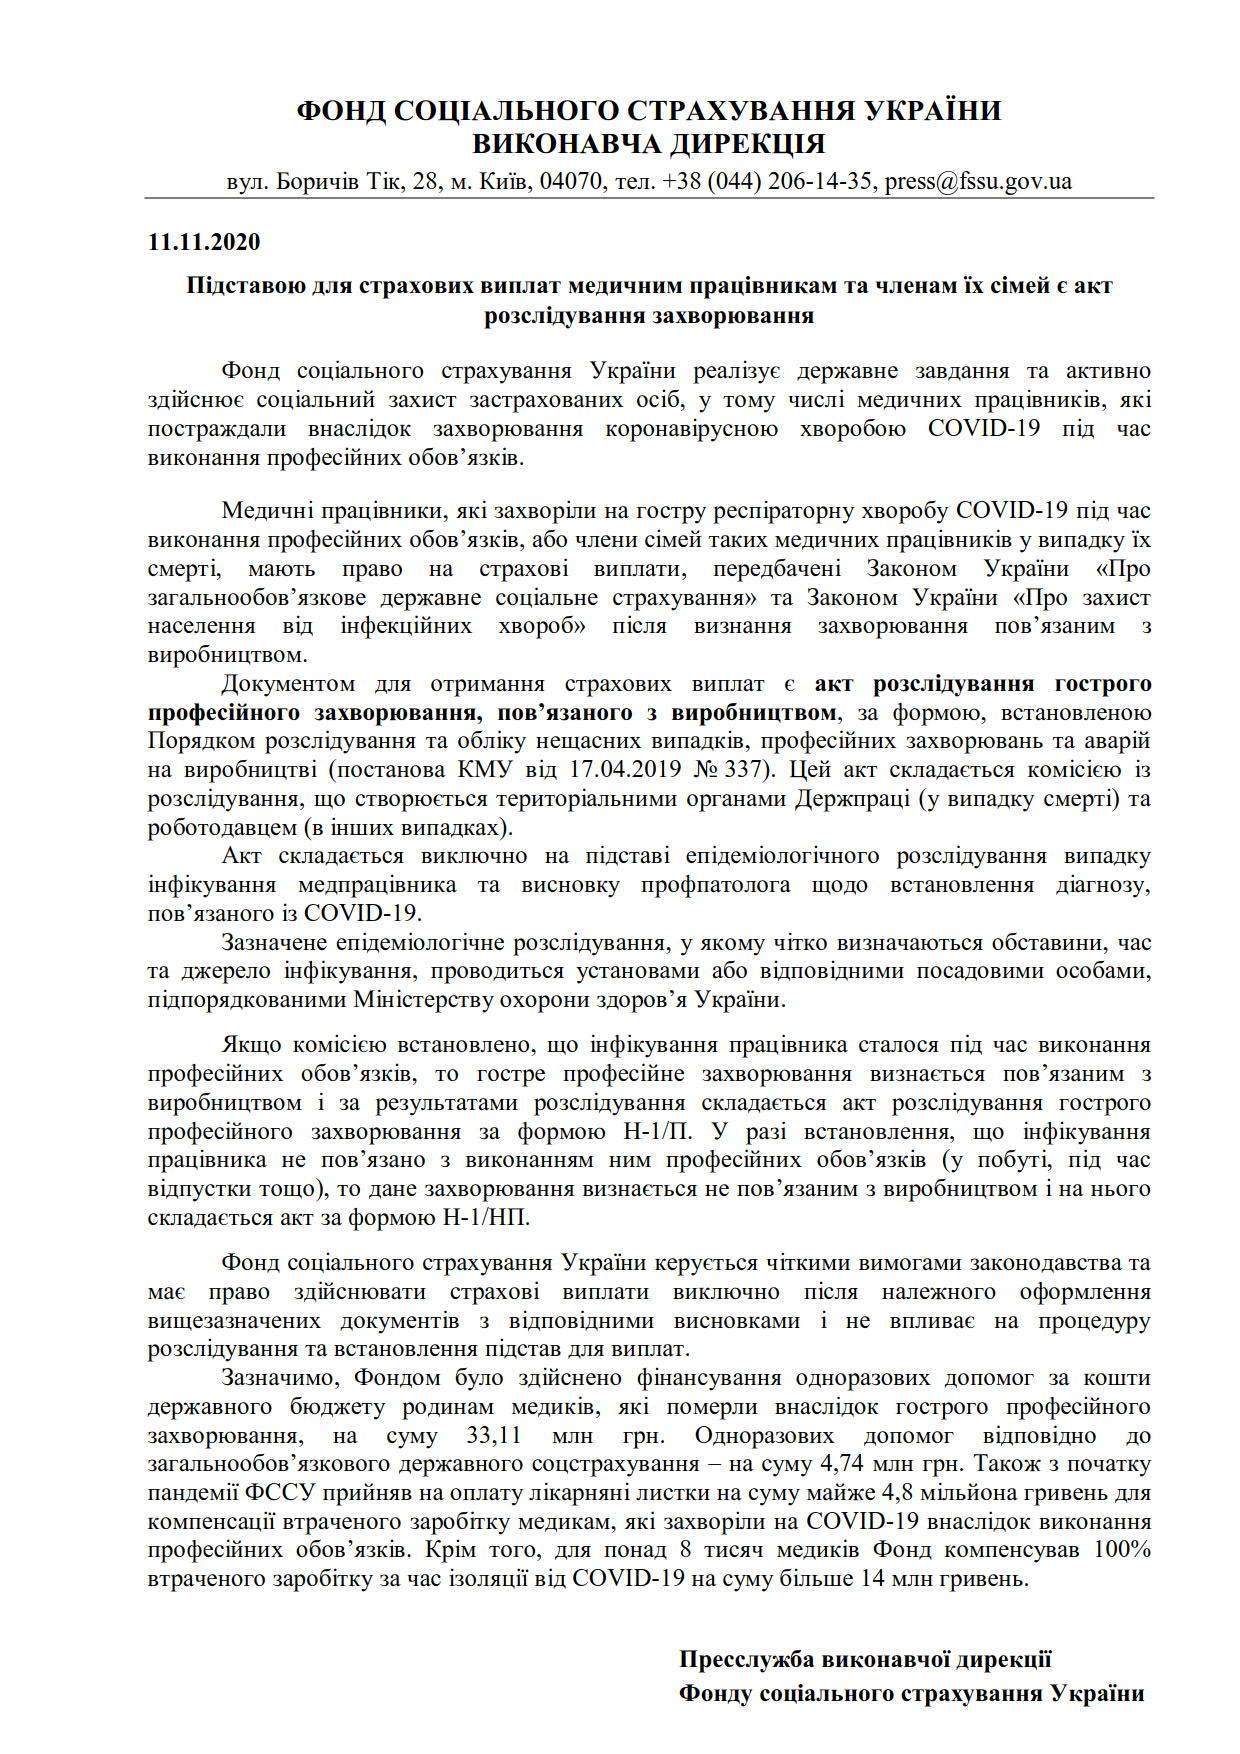 ФССУ_Підстави для здійснення страхових виплат медикам-1_1